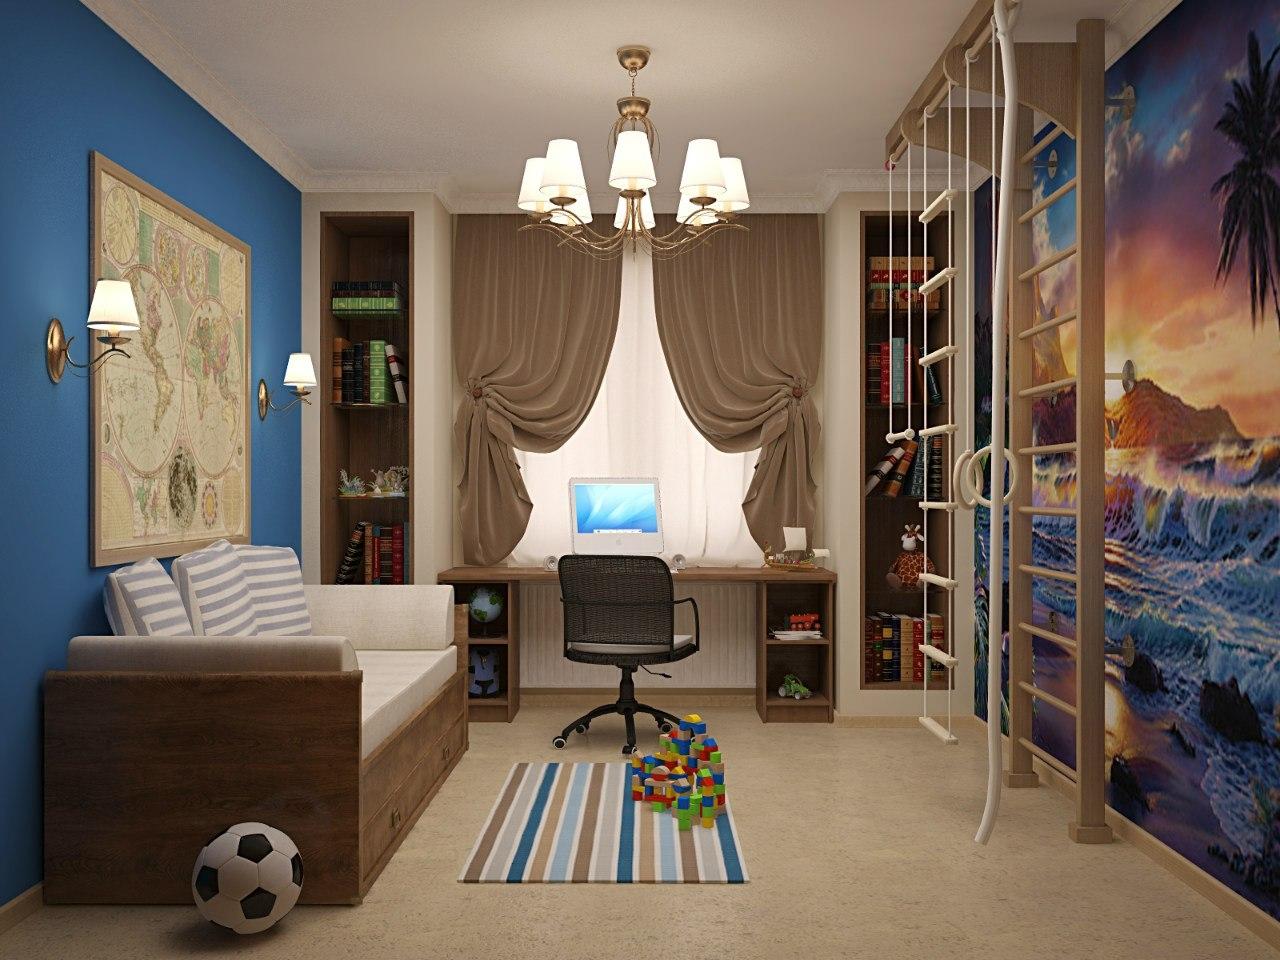 Дизайн комнаты для ребенка 2018 года